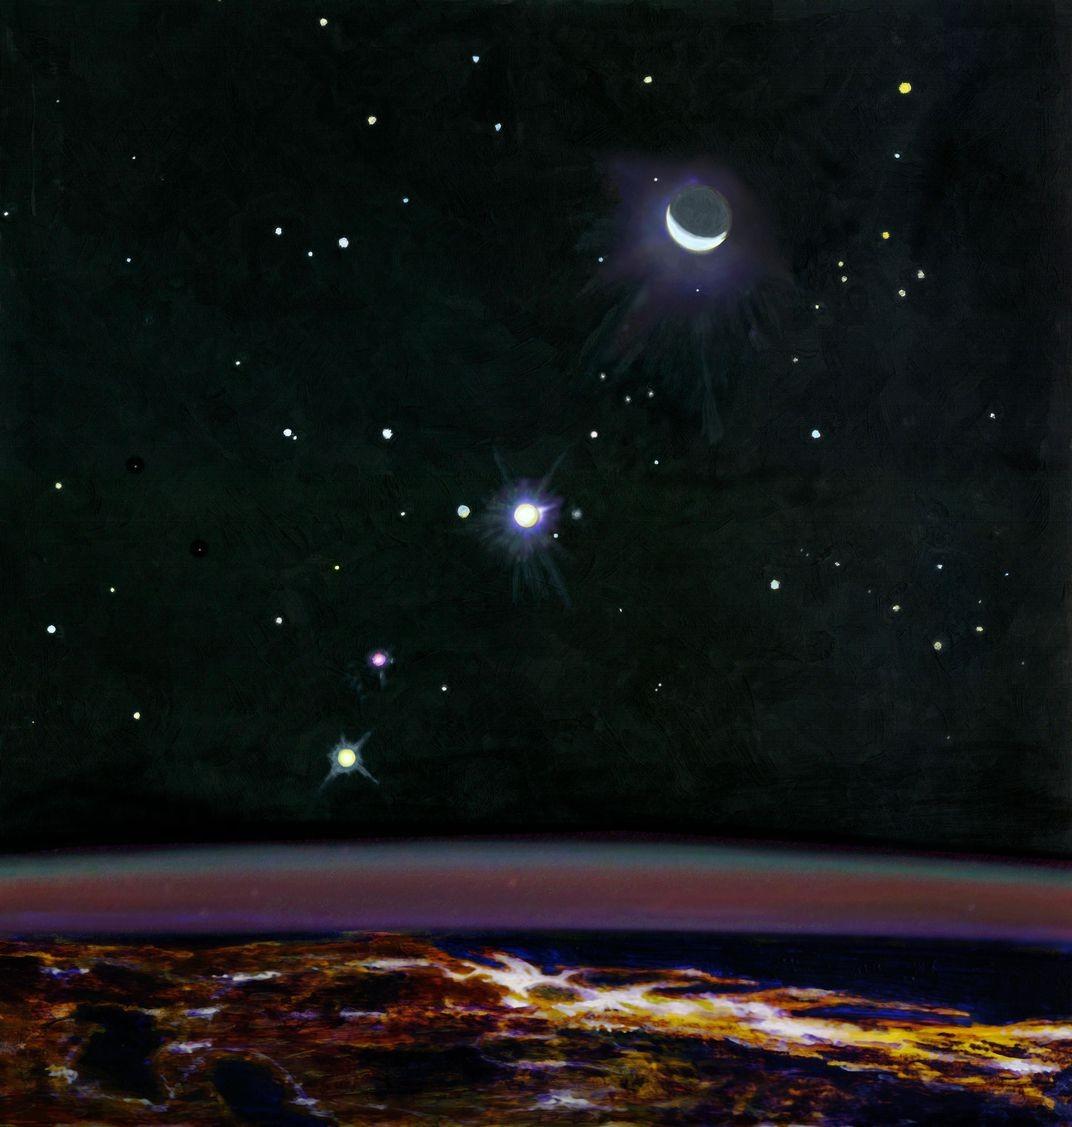 Pintura de Paul Olsen de uma visão imaginária da Terra vista do espaço, ao leste de Nova York à noite, com os principais planetas usados no Geological Orrery. De baixo para cima: Júpiter, Marte (avermelhado), Vênus e a Lua (Foto: Paul Olsen)